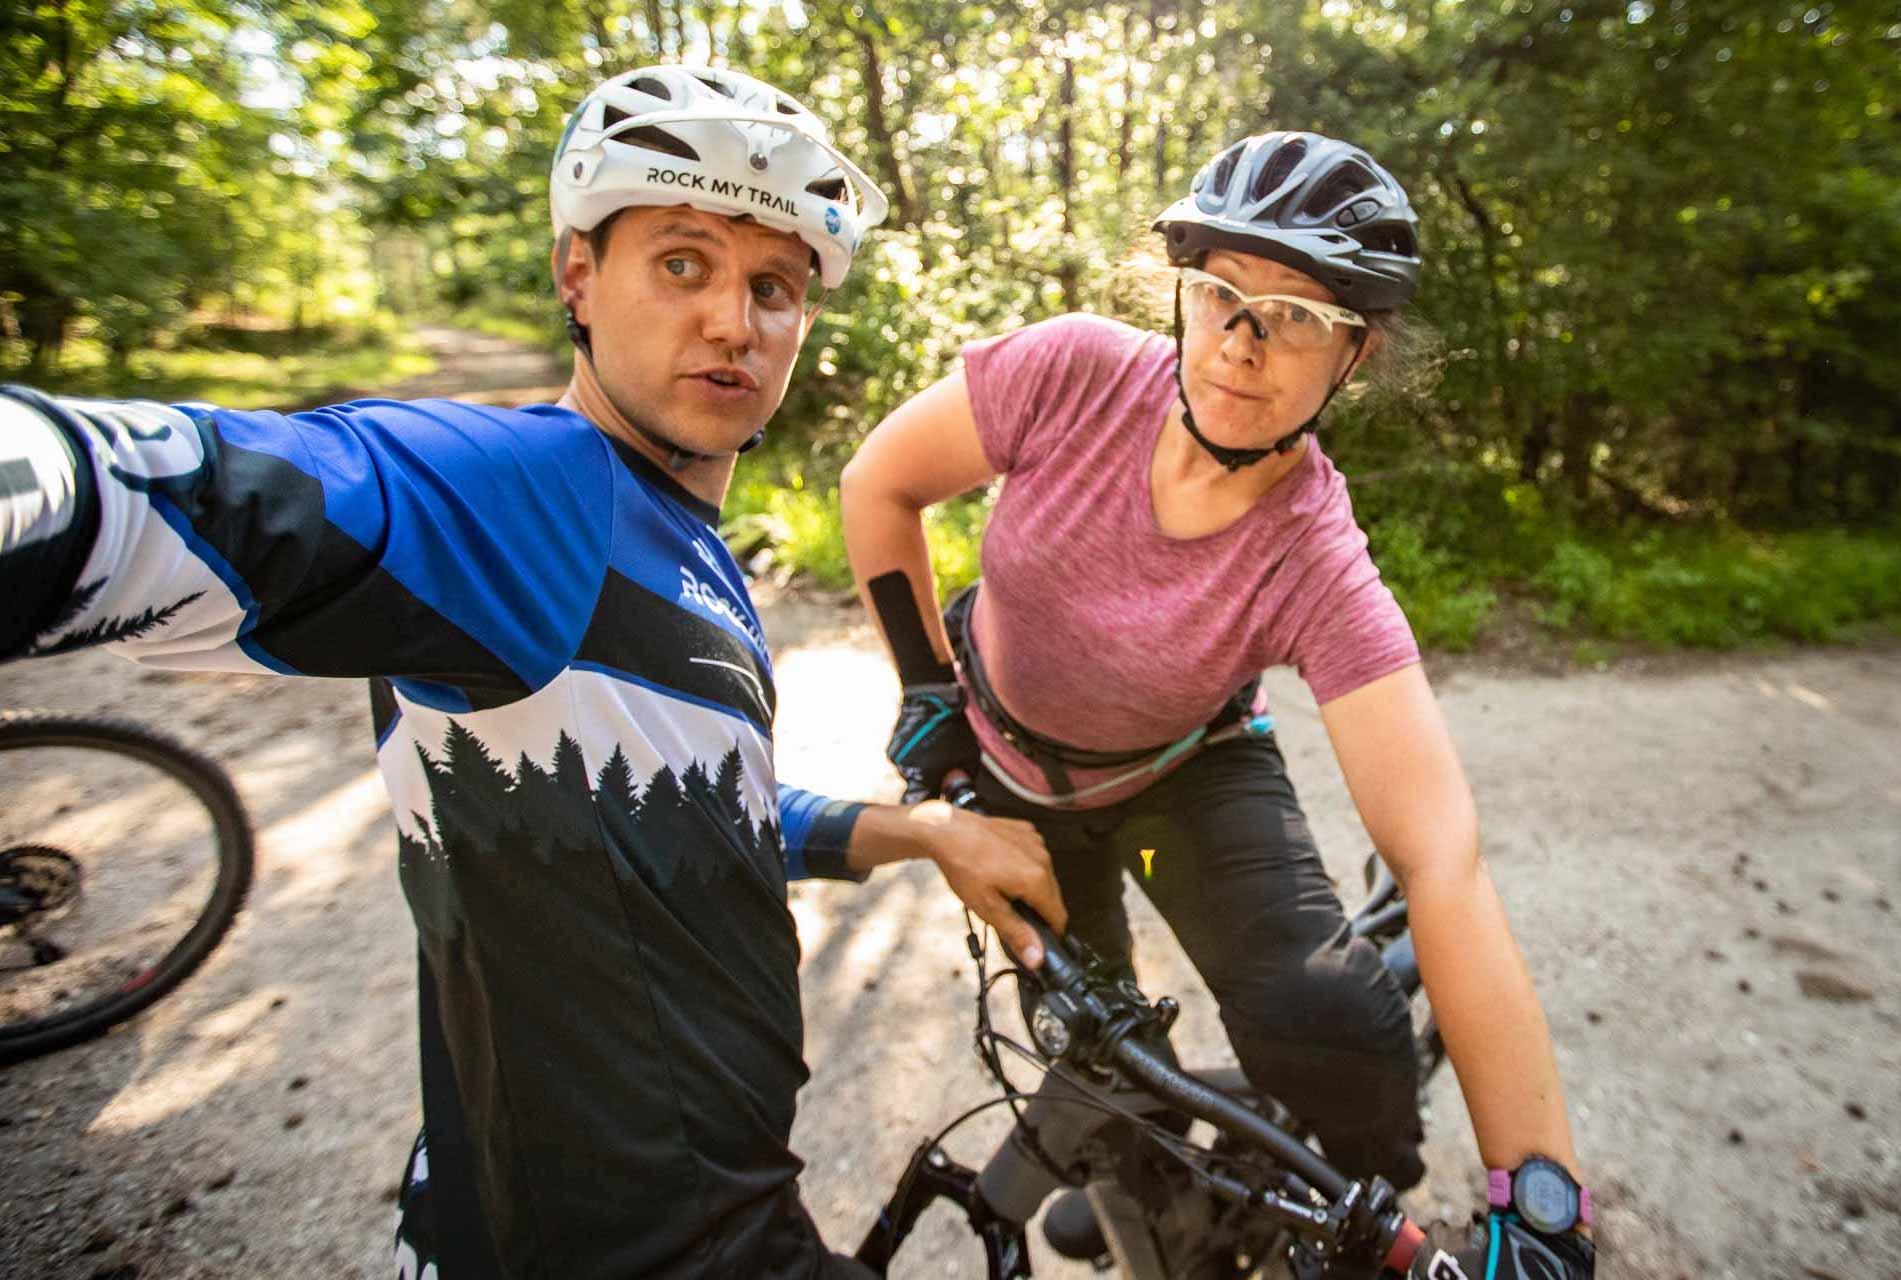 MTB Fahrtechnik Kurs für Einsteiger in Eschweiler - Mountainbike Basic - Rock my Trail Bikeschule